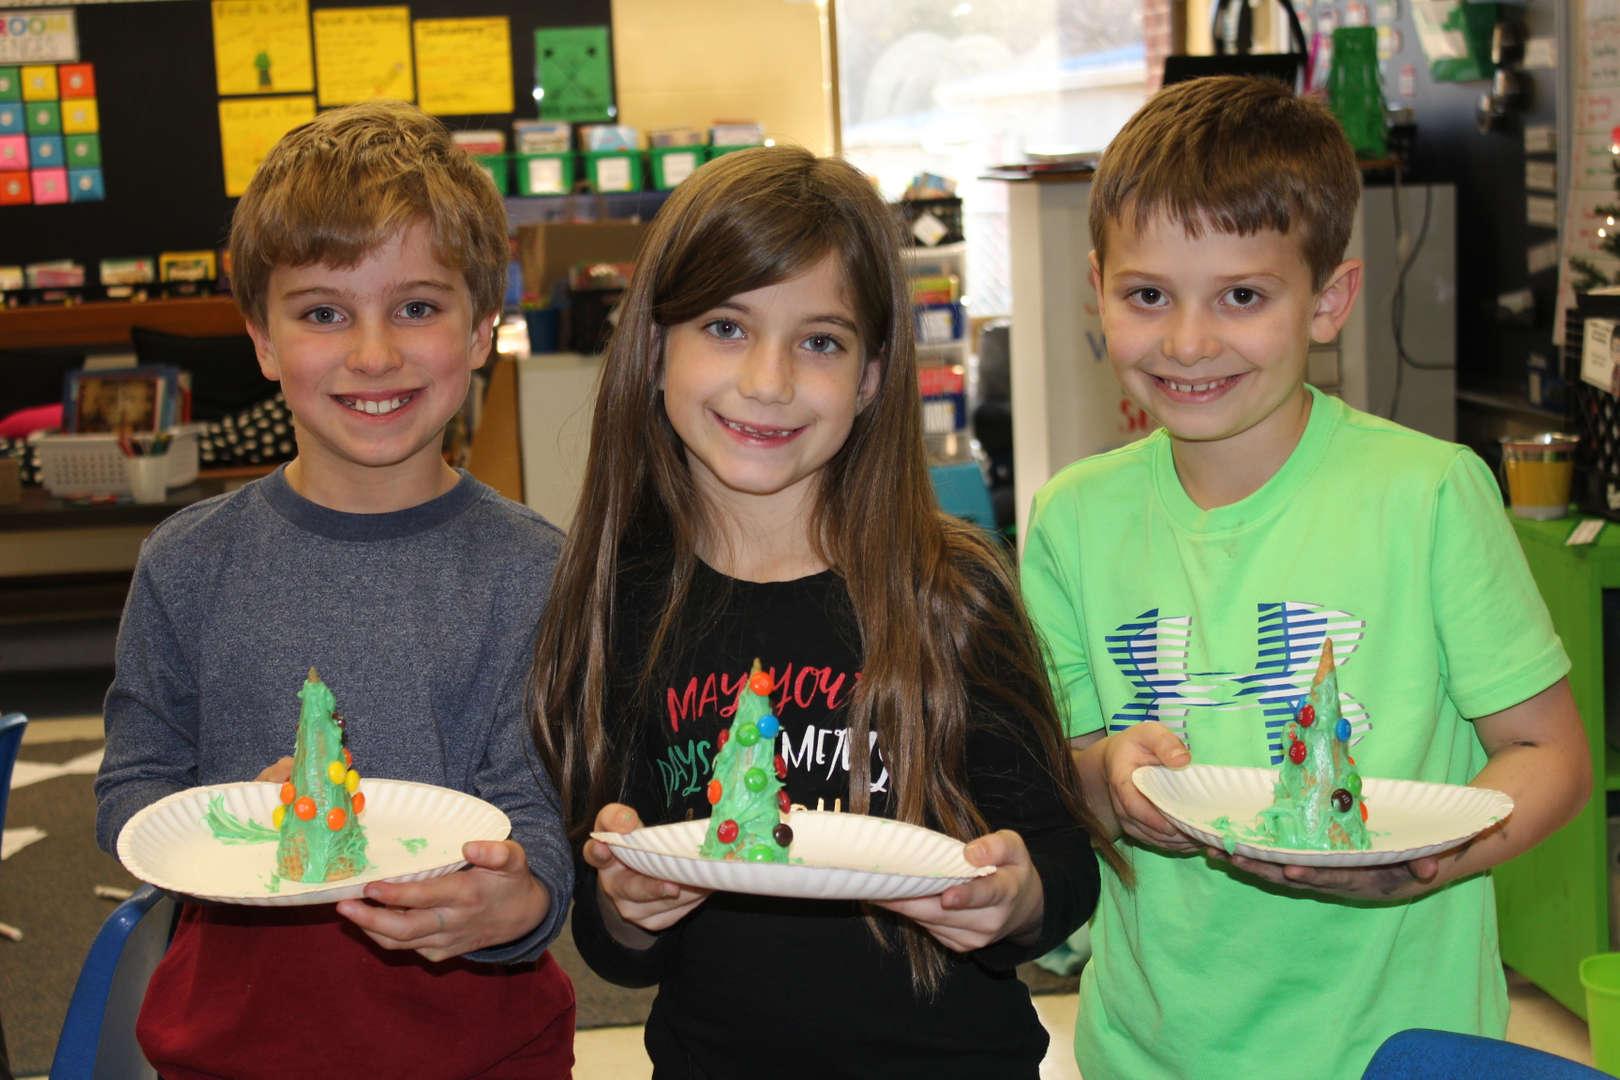 Students enjoying holiday treats.